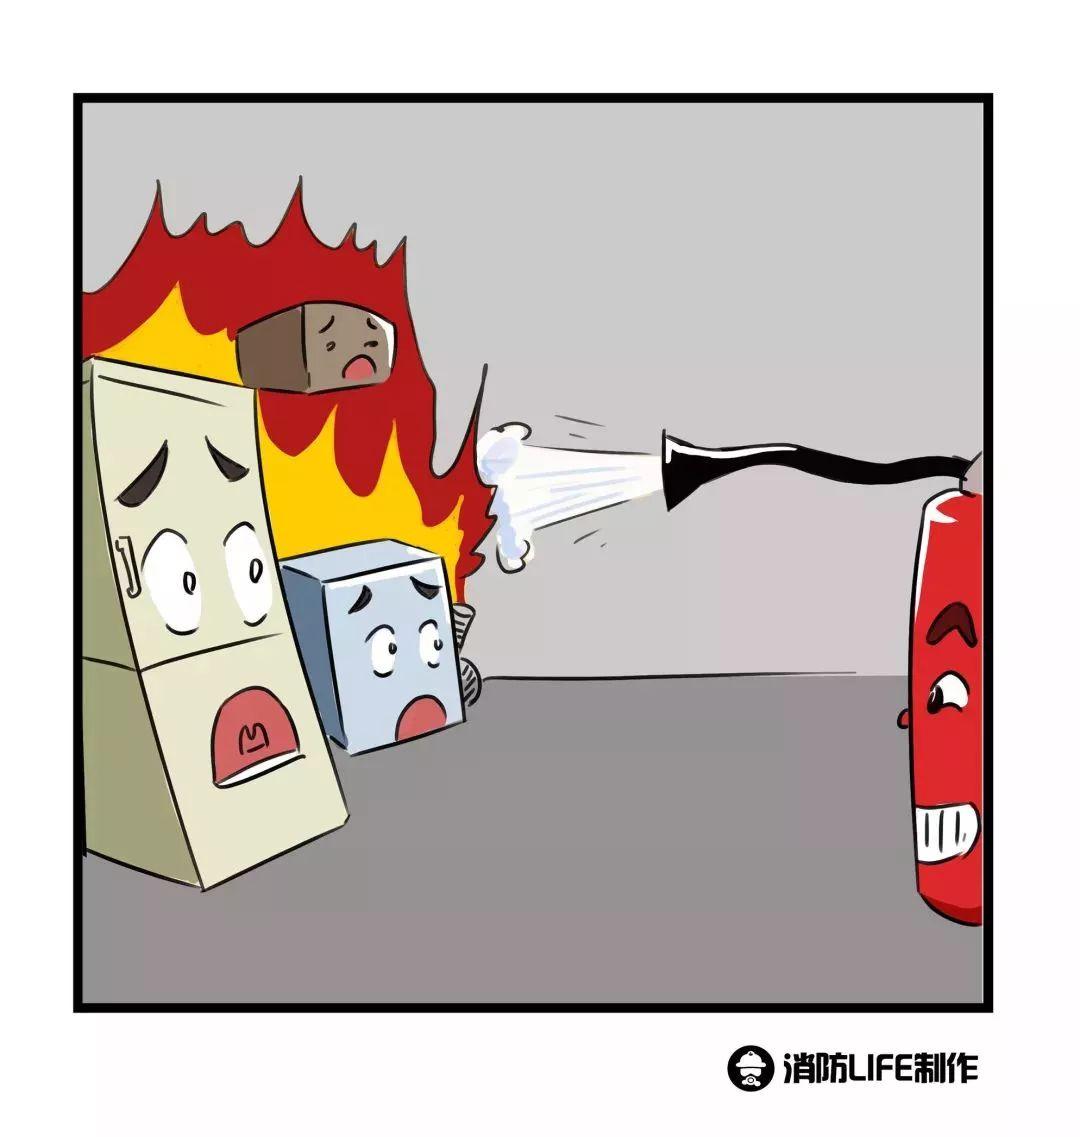 安全 经开消防送上消防培训 套餐 ,乐学防火教育